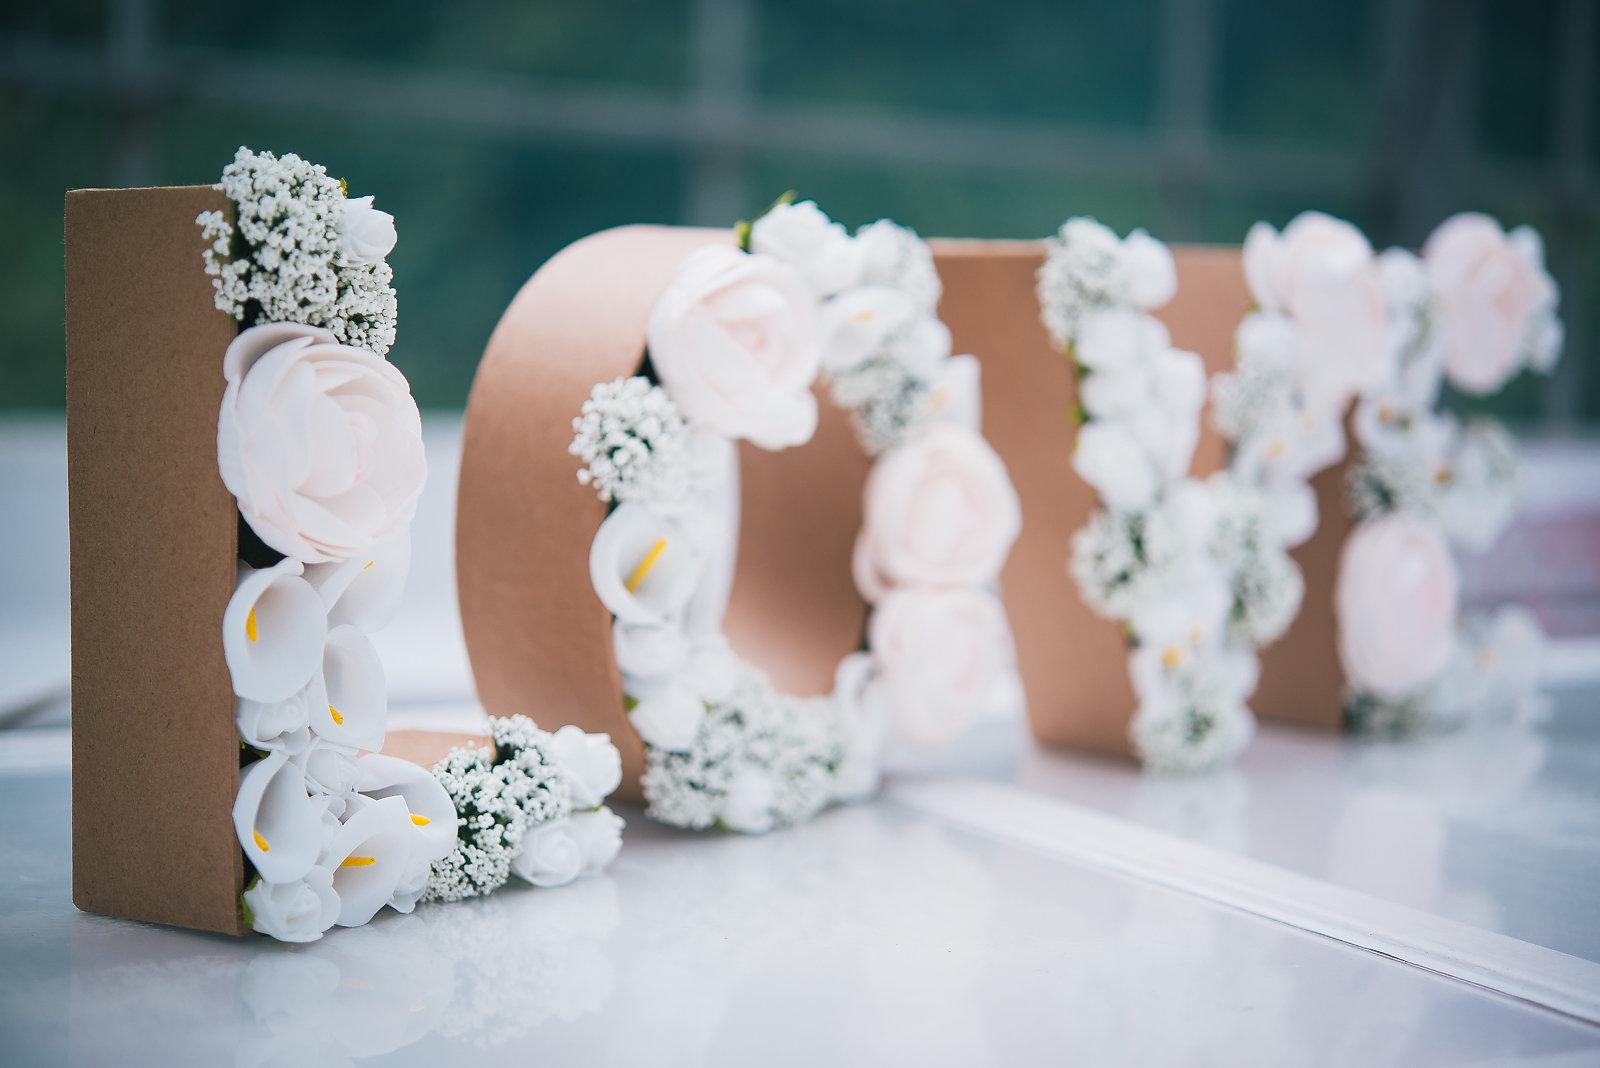 Ou Acheter De La Mousse Pour Piquer Des Fleurs diy #19 - des lettres 3d fleuries |